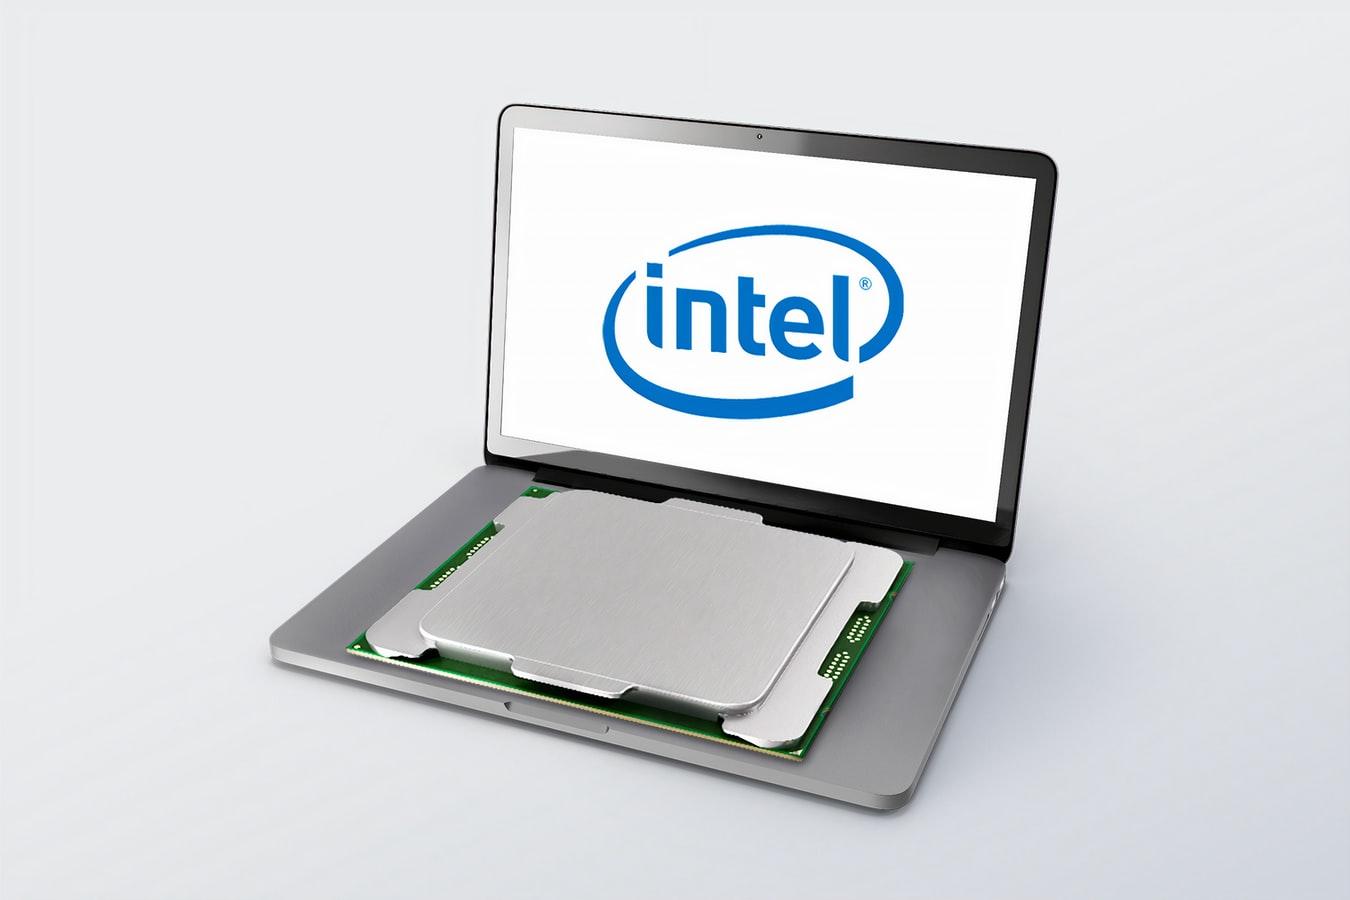 Warum die Value Aktie Intel derzeit viel zu pessimistisch bewertet wird und ein Ass im Ärmel hat, das vielen gar nicht bekannt ist?